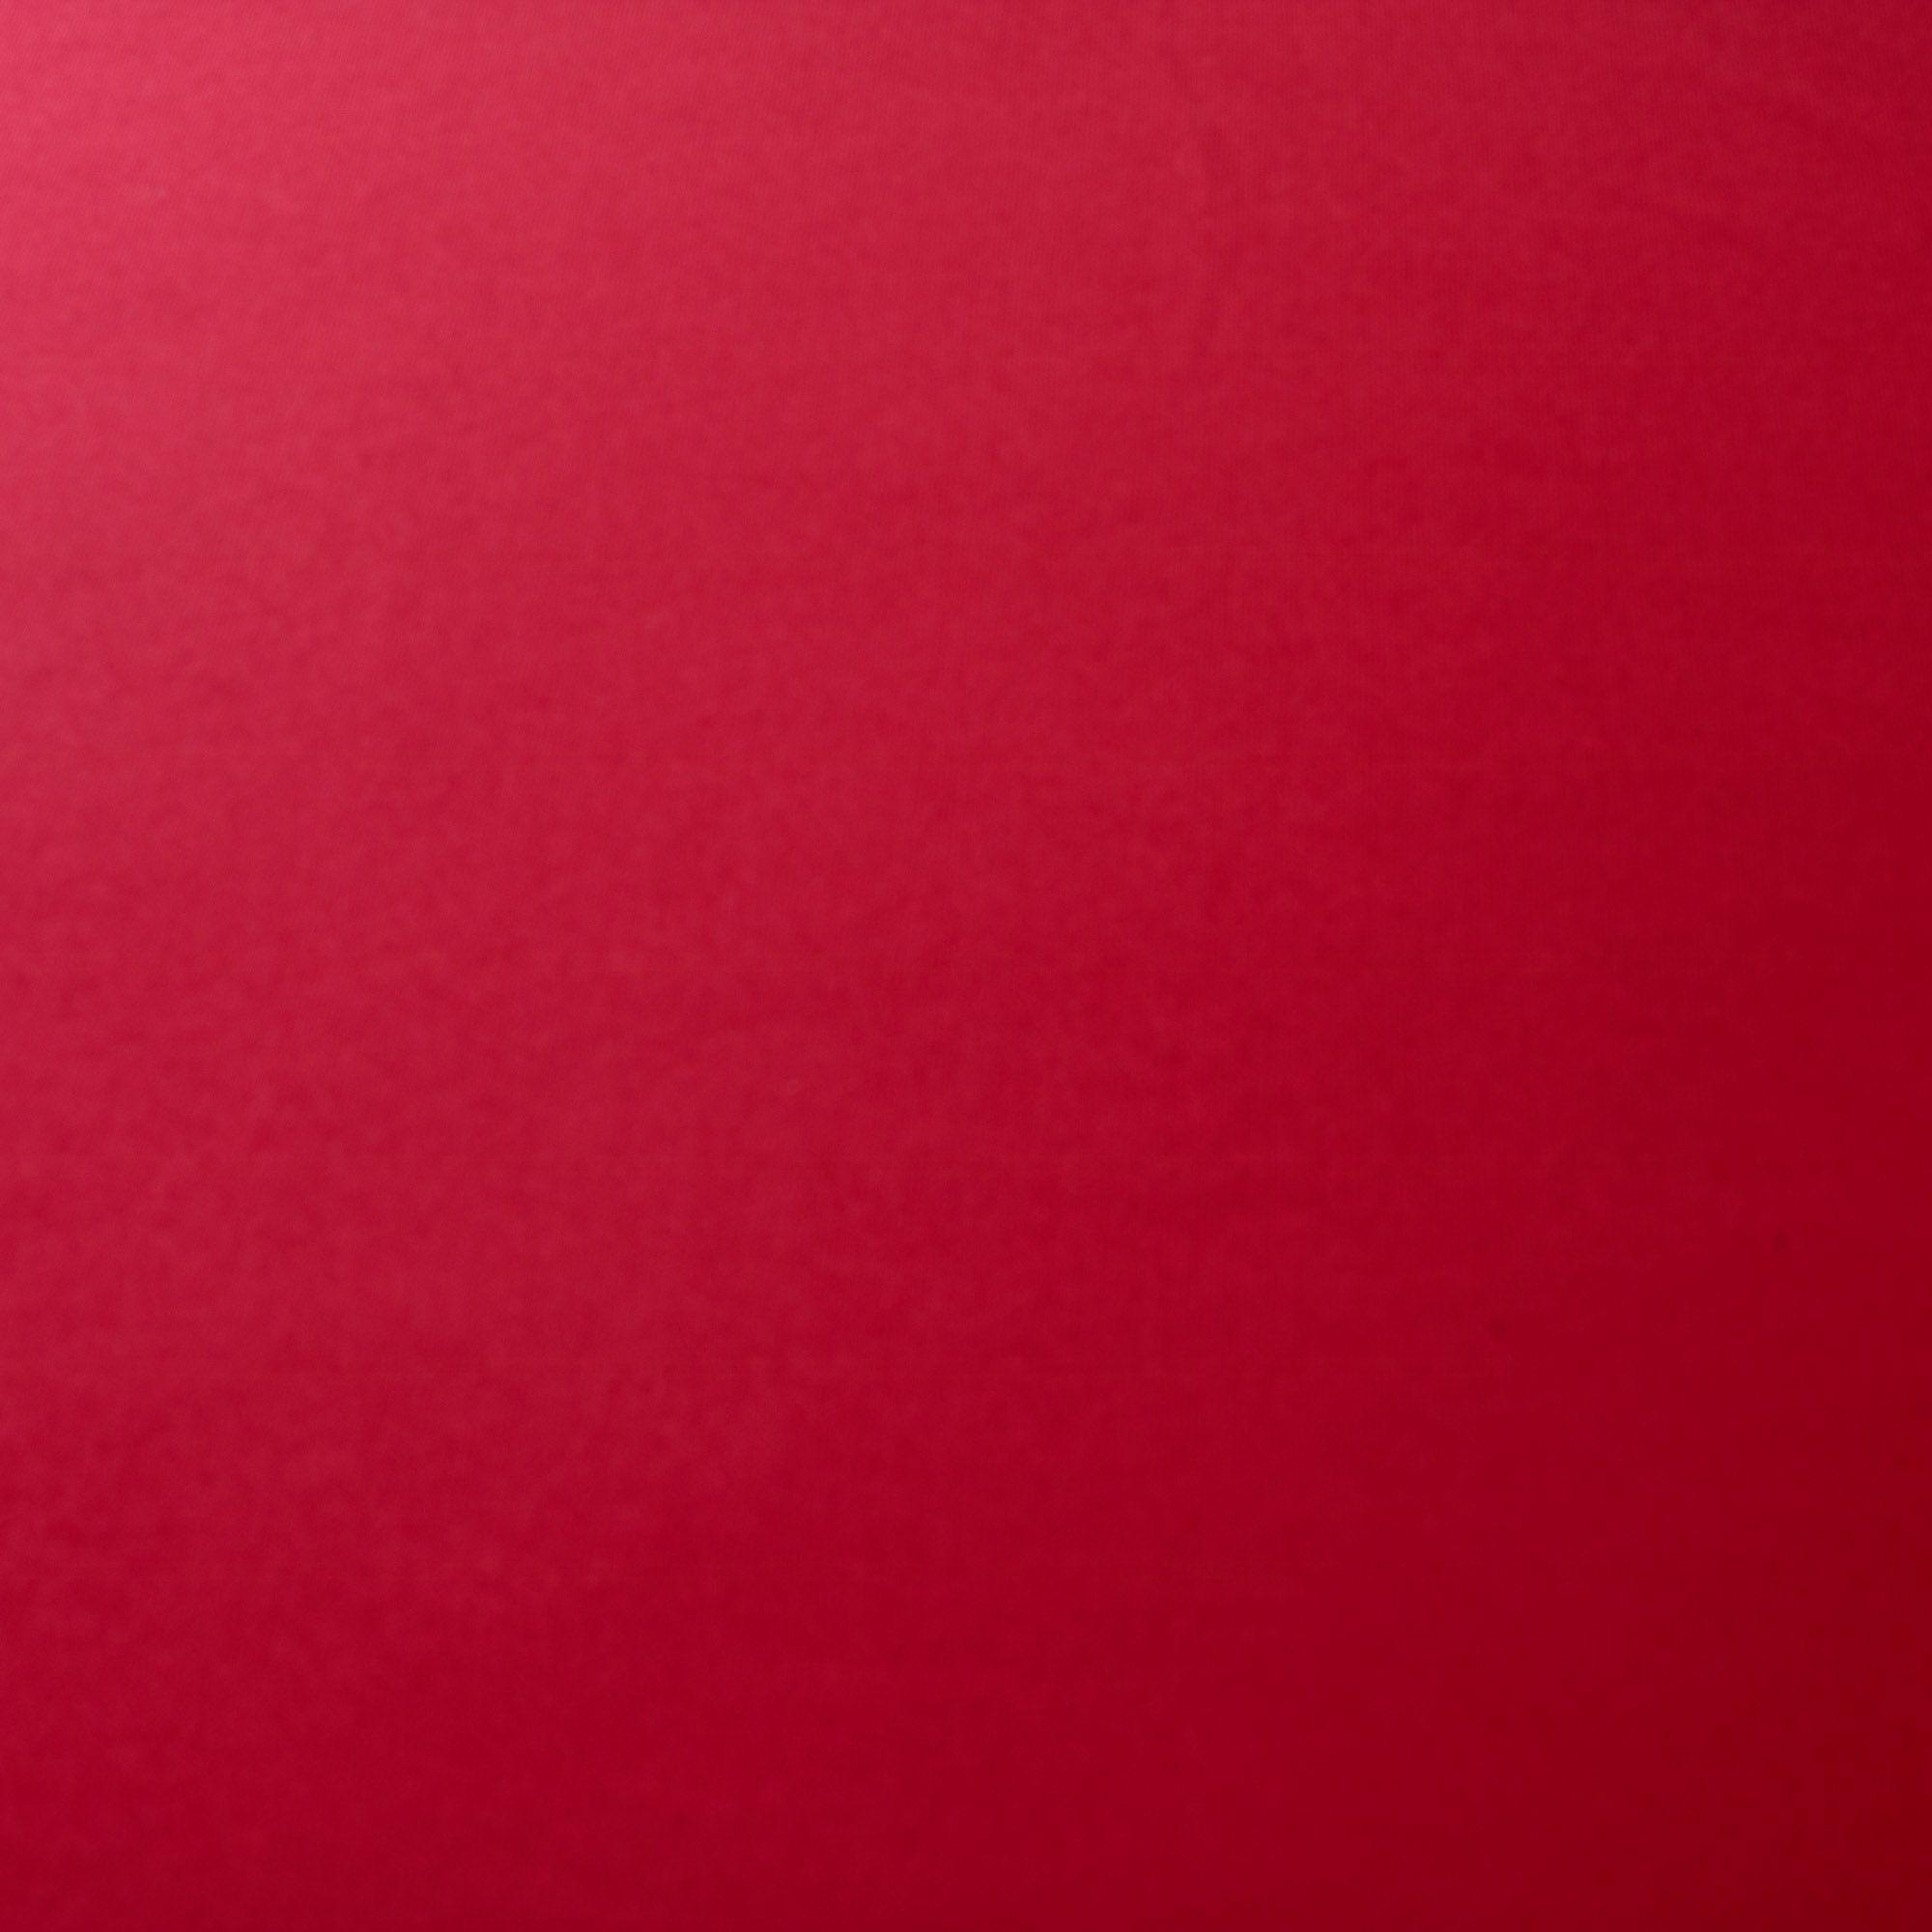 Tecido Malha Helanca Light Vermelho Marsalla 100% Poliester 1,80 mt Largura